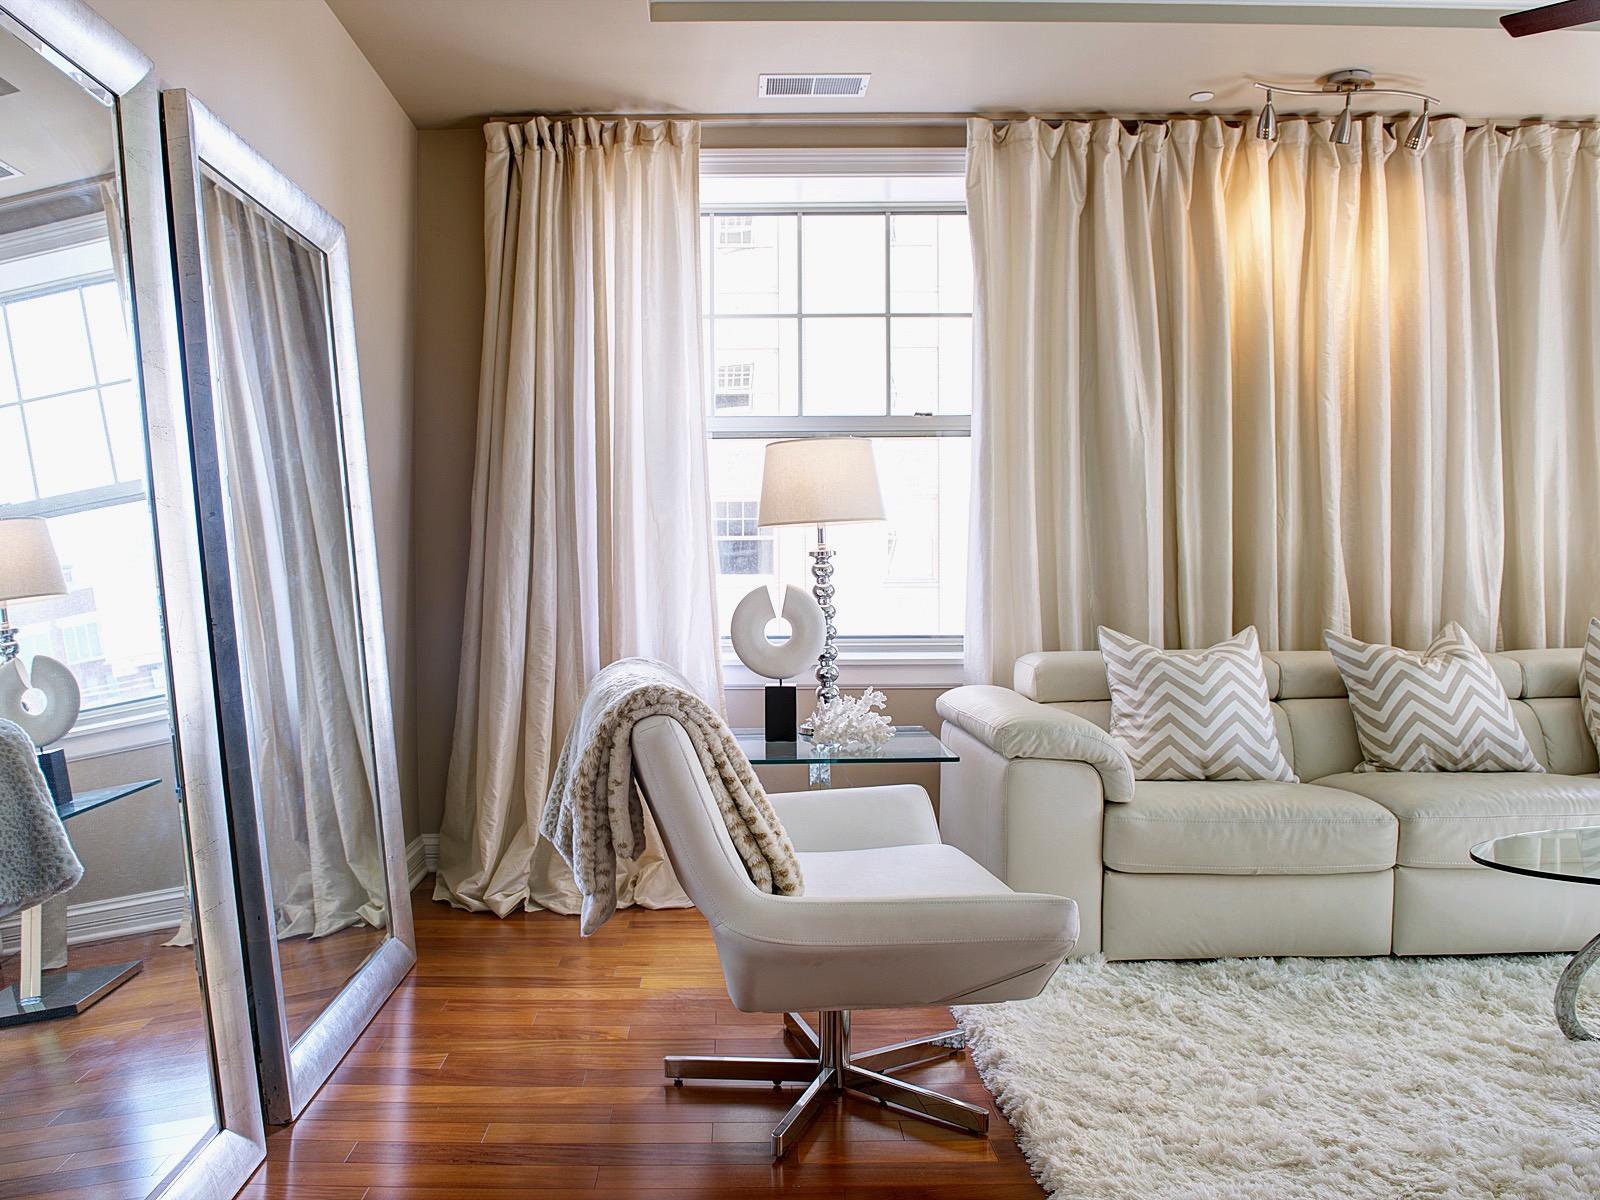 Living Room Curtains Ideas 2017 Bluerosegamescom